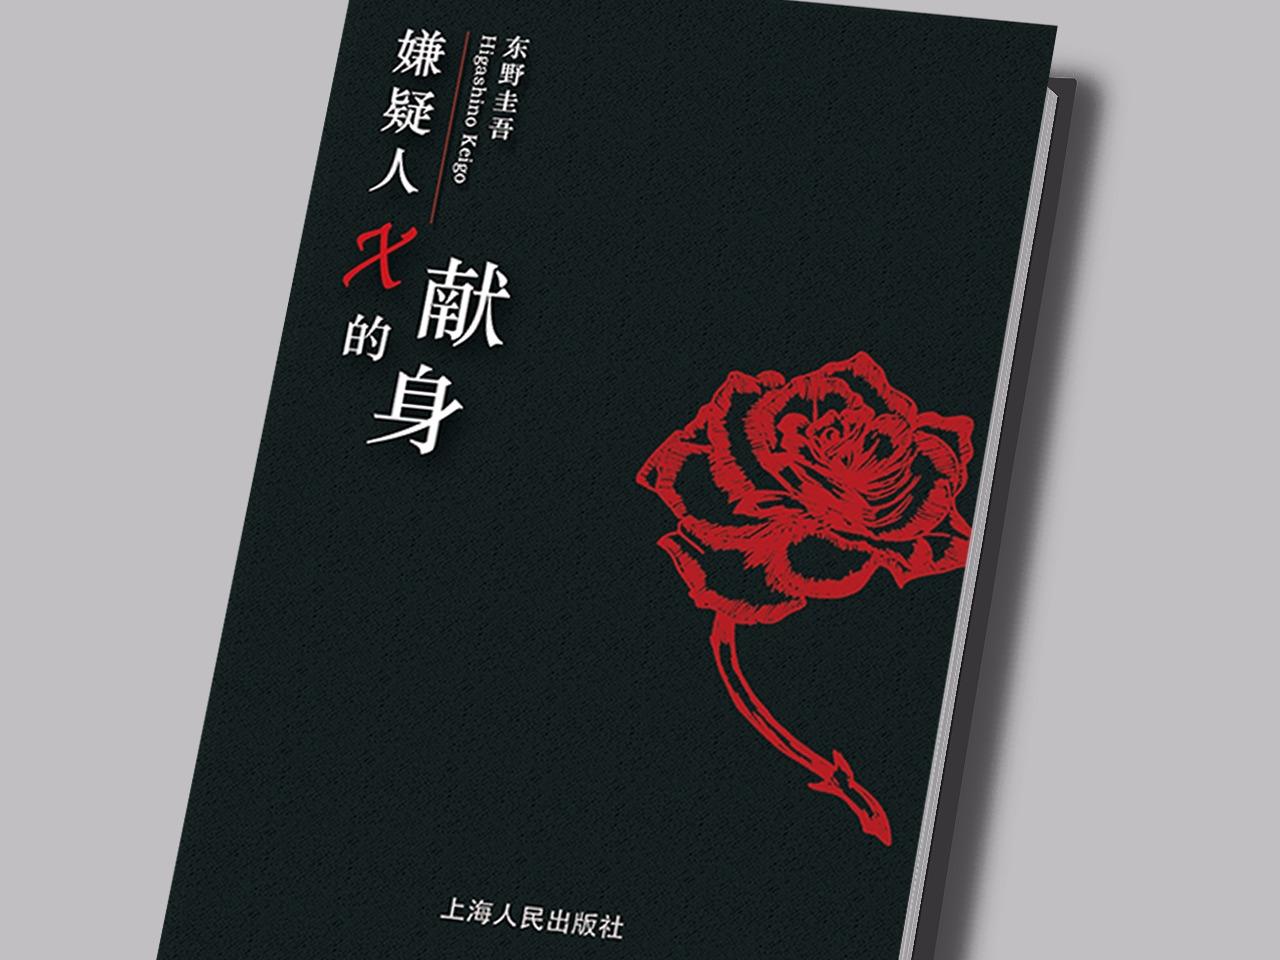 小说书籍封面_书籍封面设计 侦探推理小说嫌疑人x的献身东野圭吾